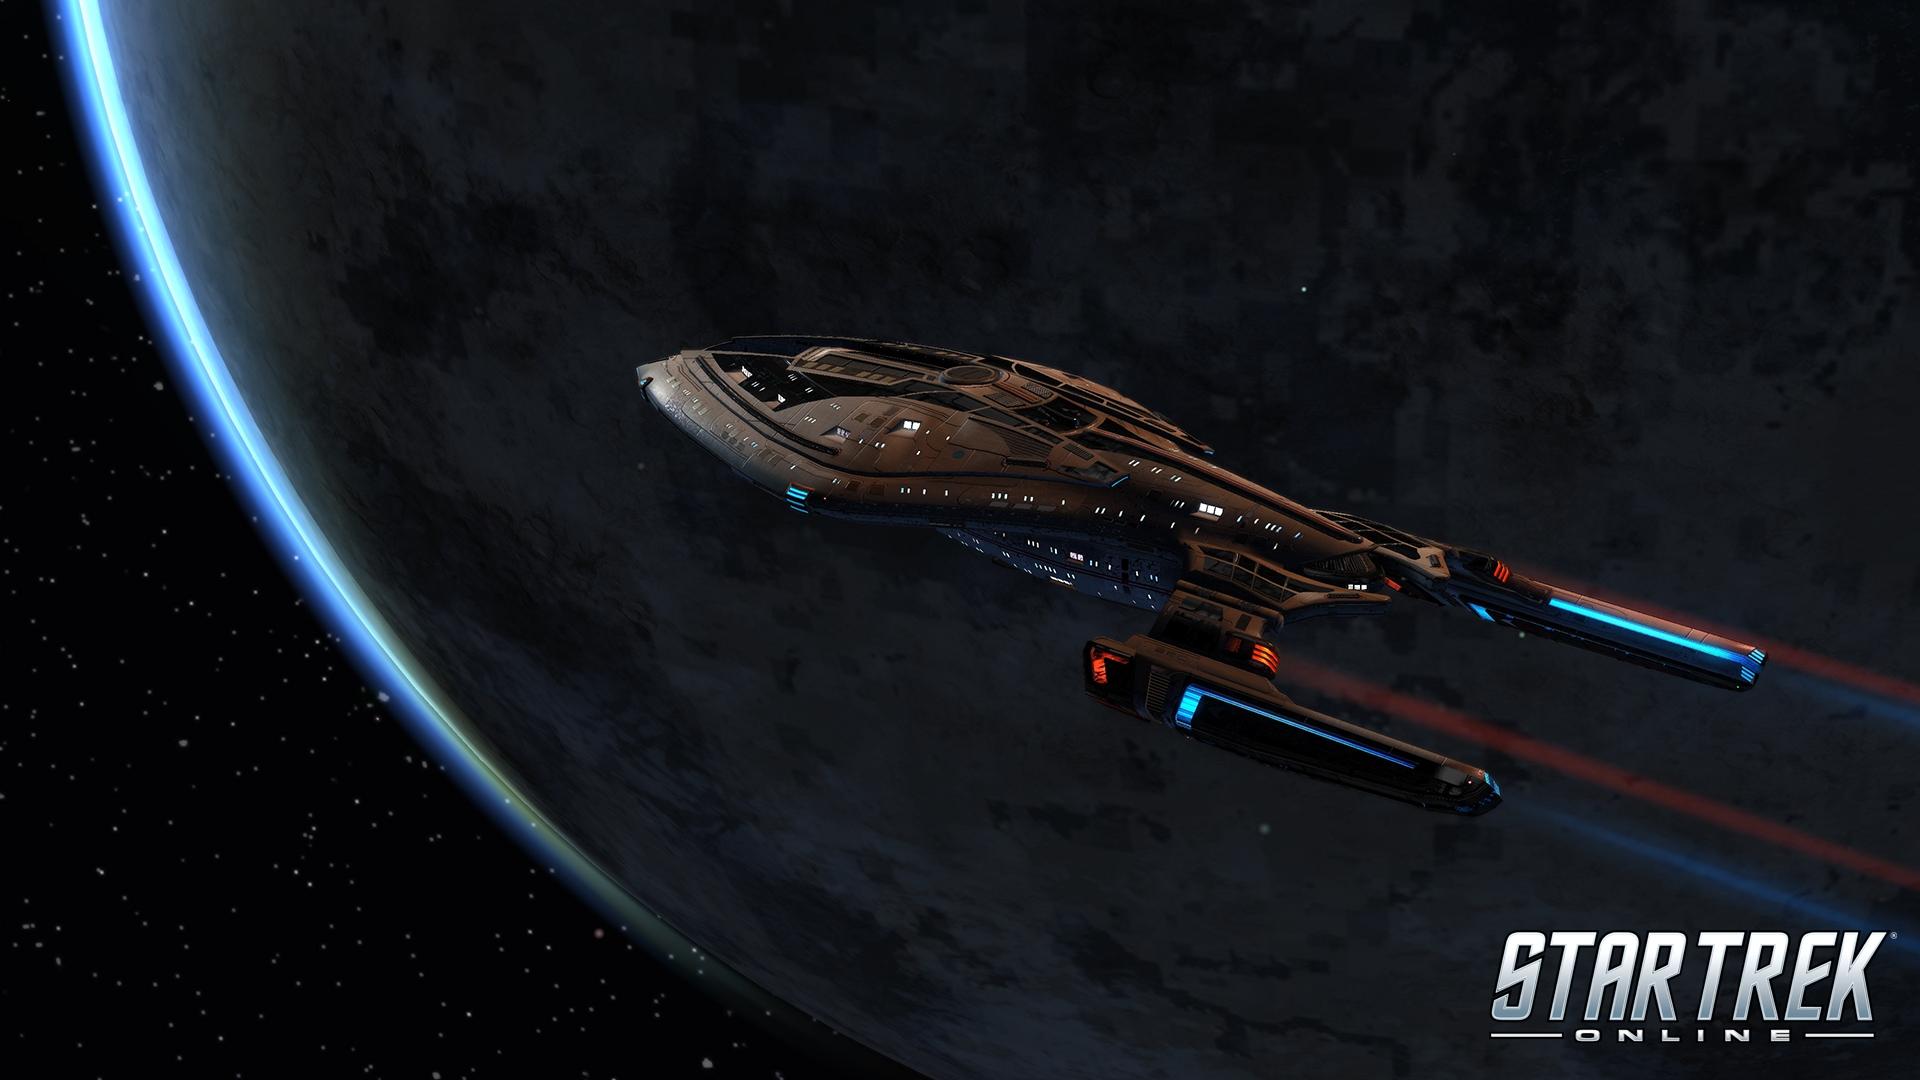 We asked Star Trek Online's lead artist for Picard spoilers screenshot